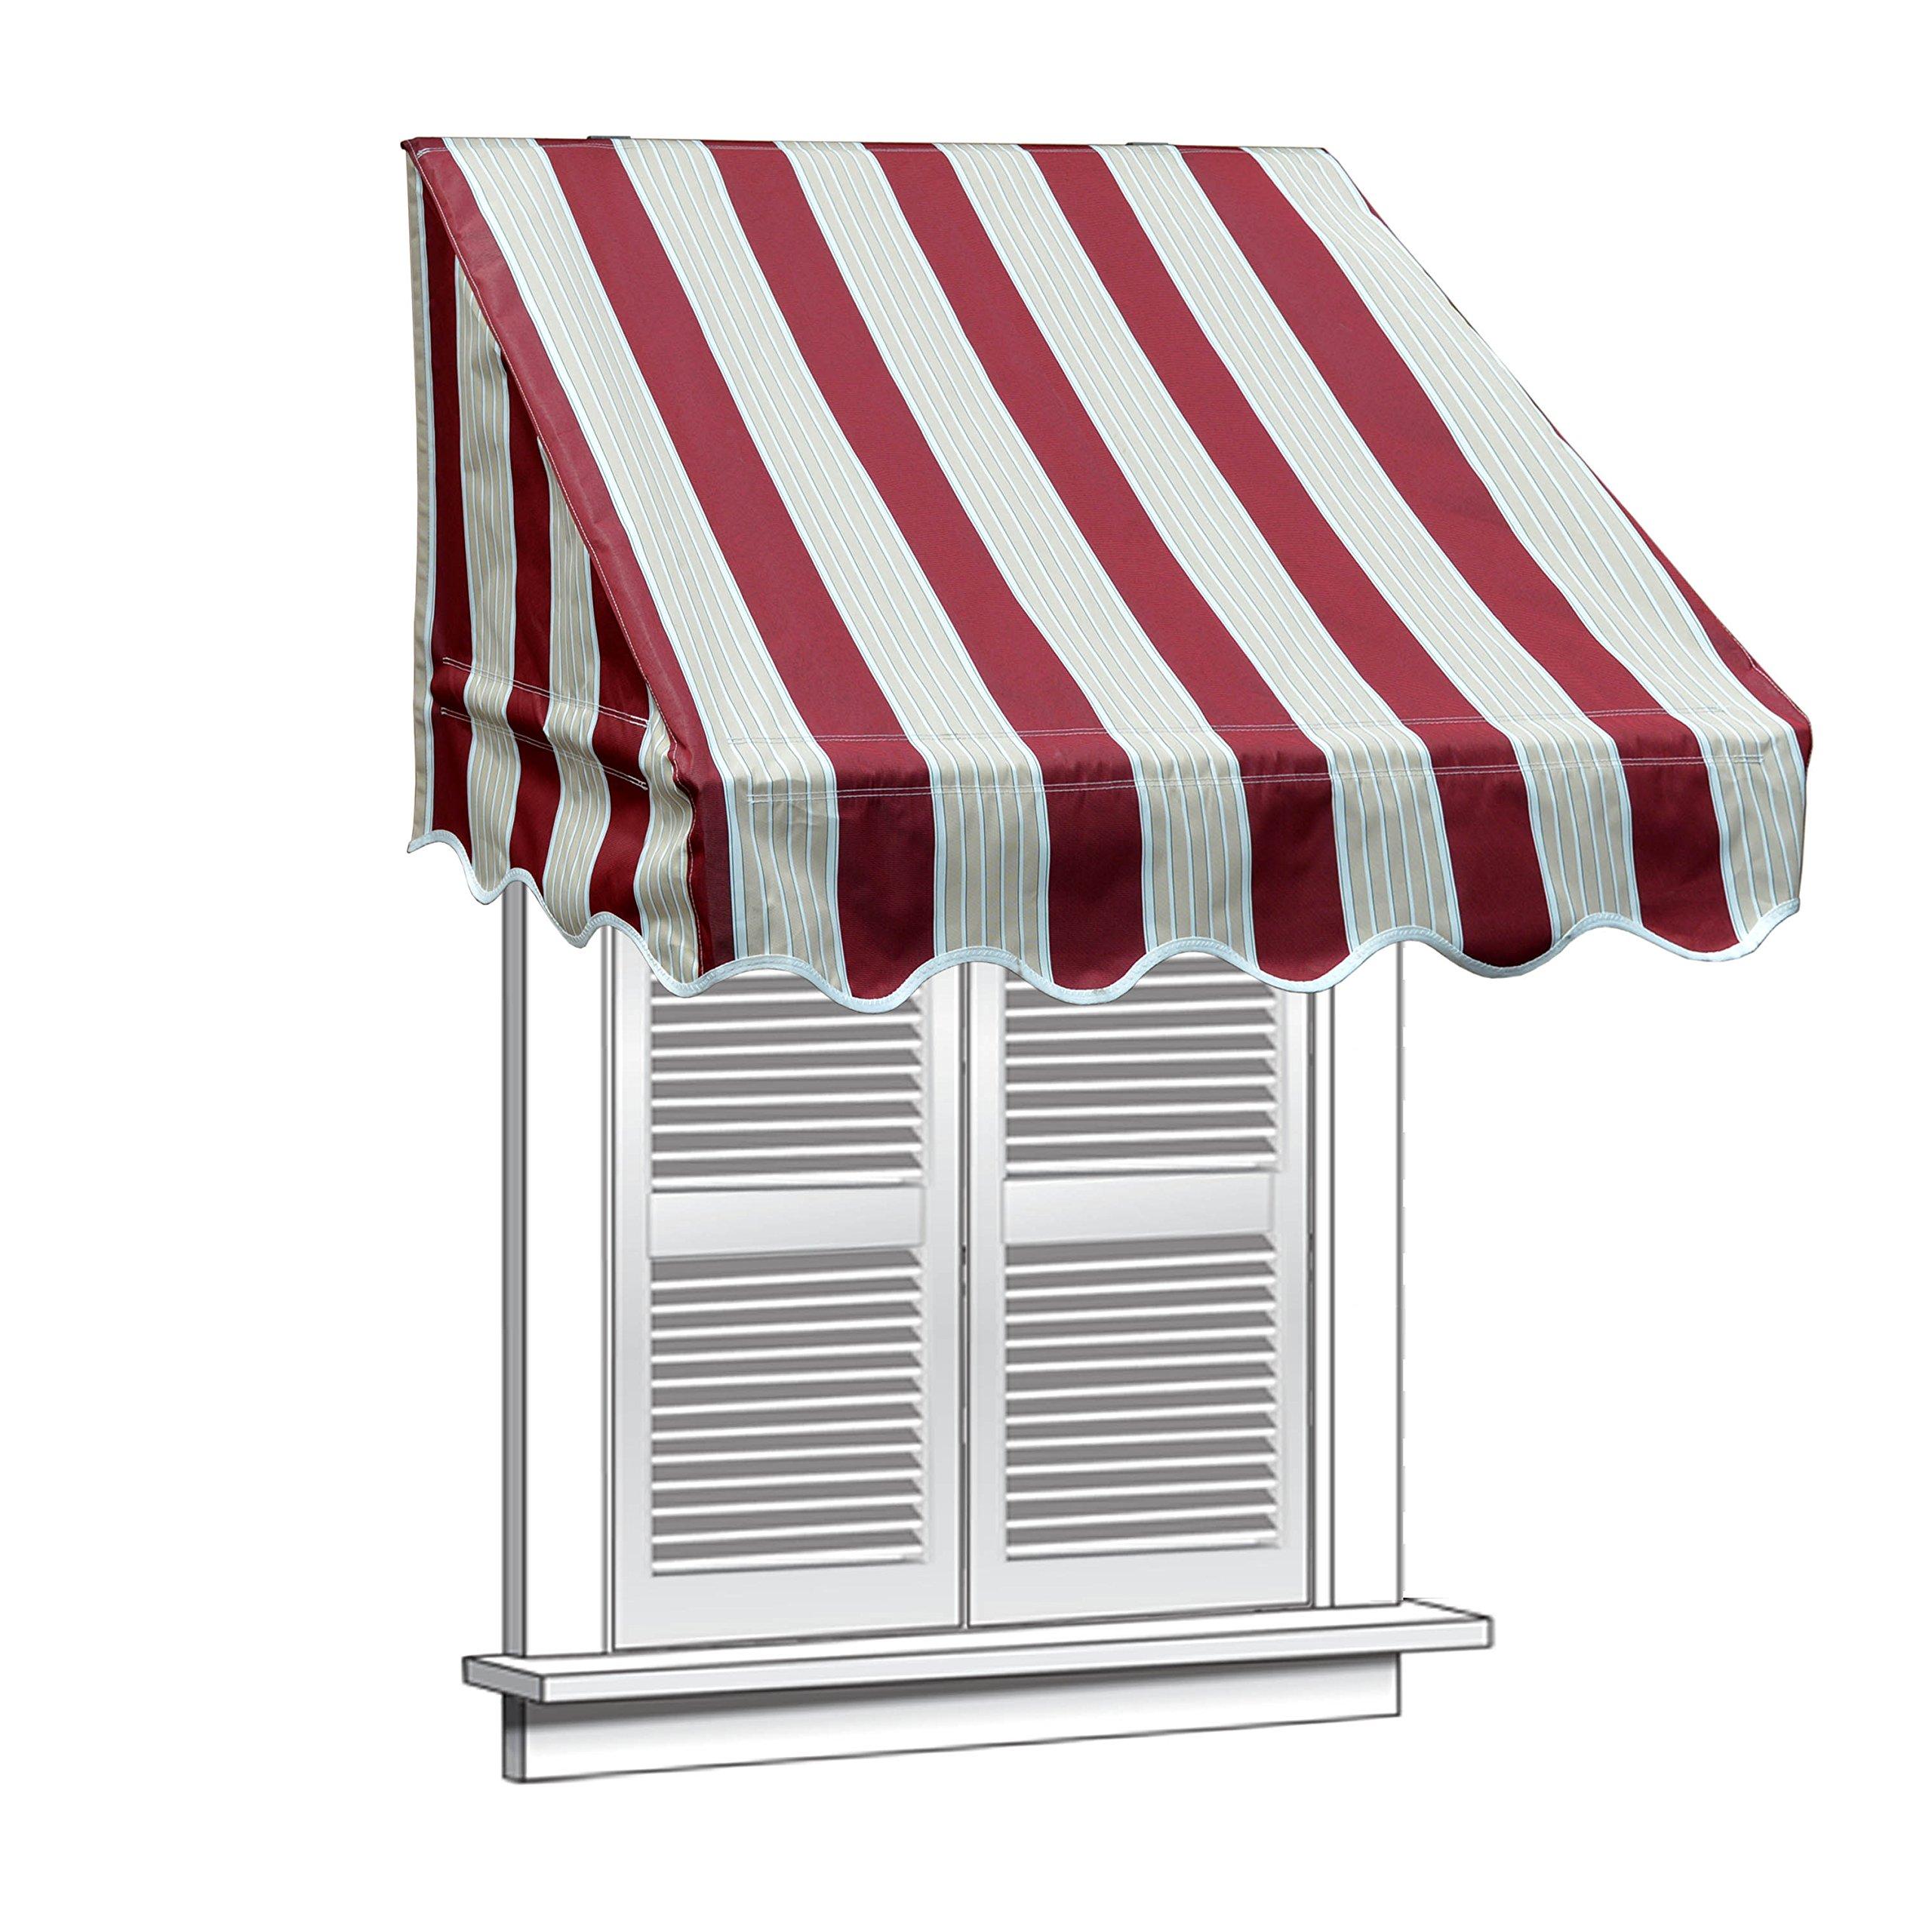 ALEKO WAW4X2MSTRRE19 Window Canopy Awning 4 x 2 Feet Multi-Stripe Red by ALEKO